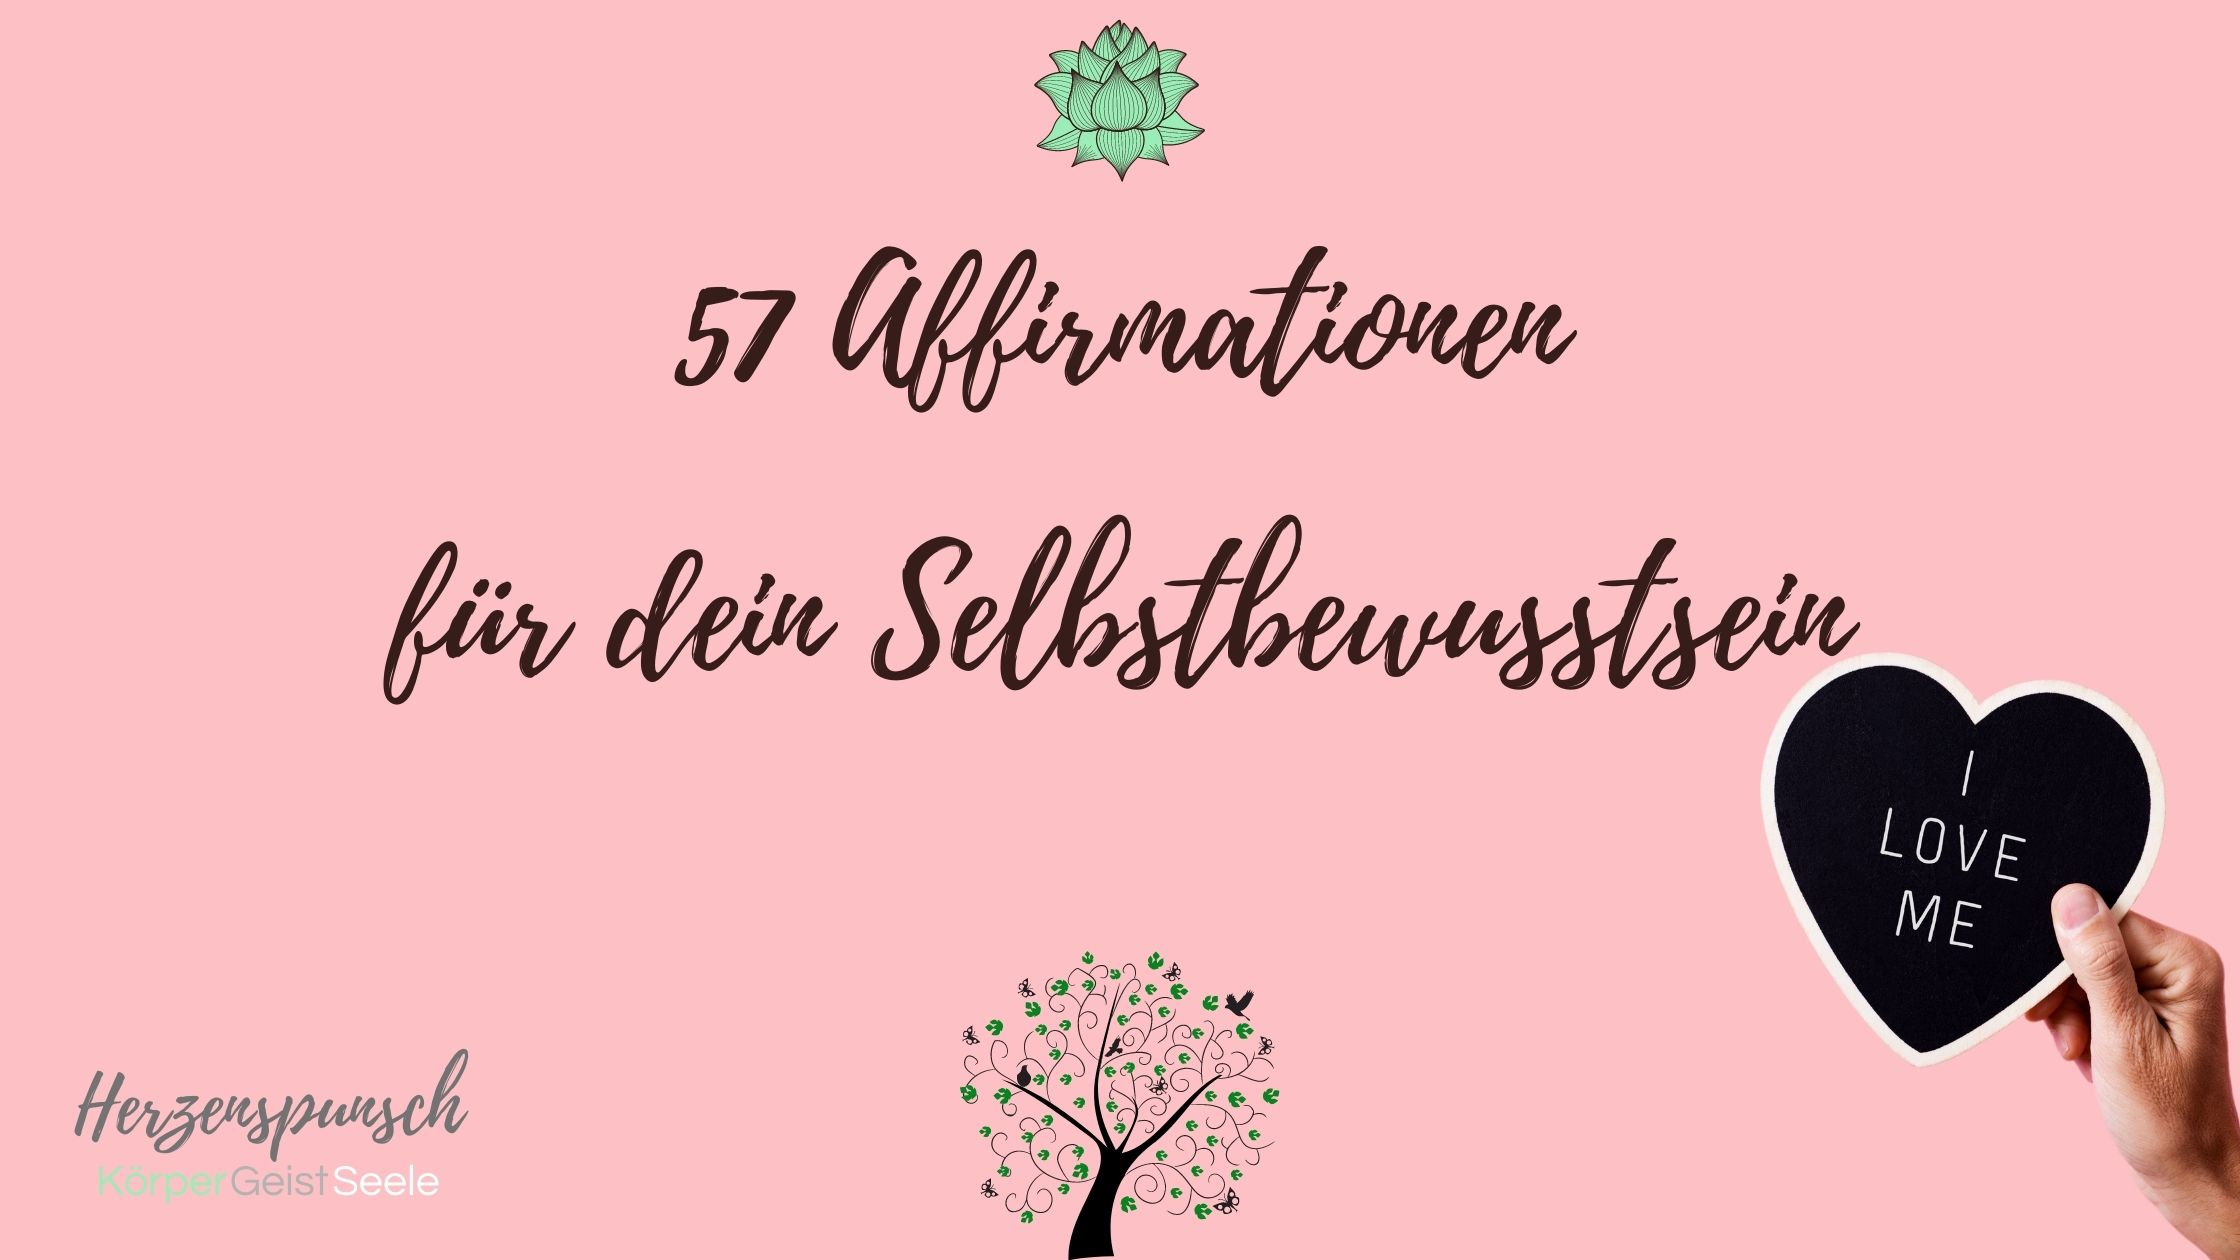 20 Affirmationen für dein Selbstbewusstsein   Herzenspunsch